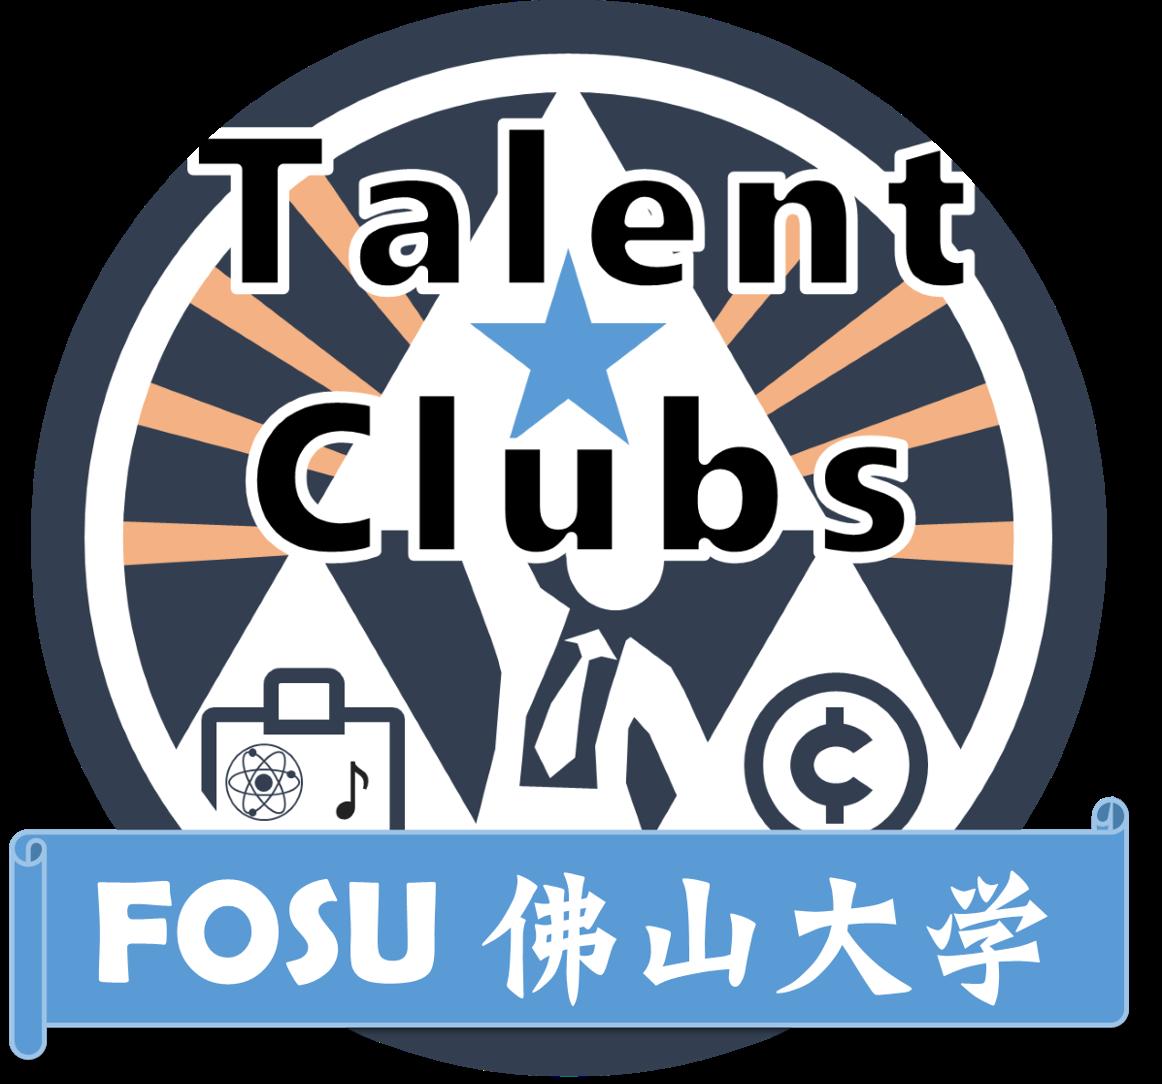 TC@FOSU